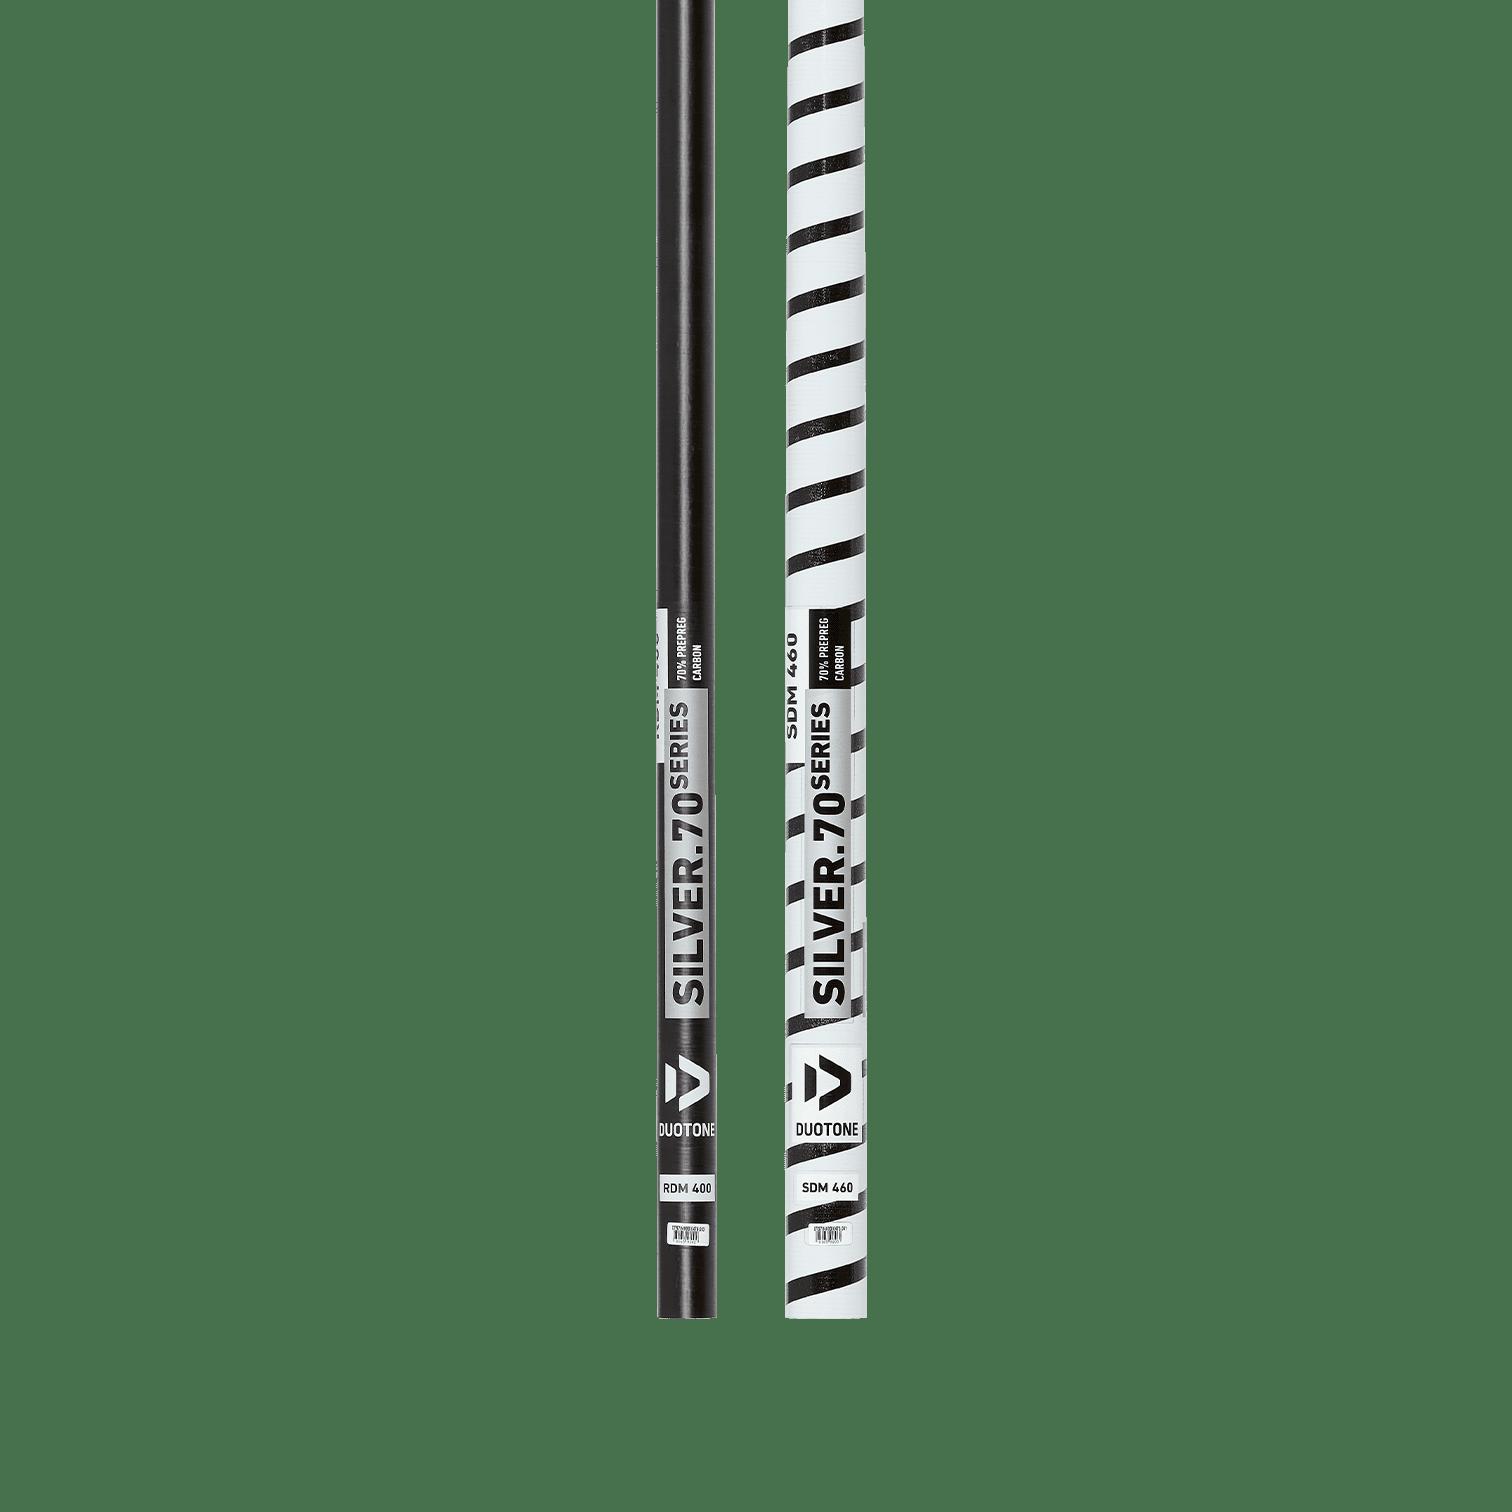 Duotone Silver 70% RDM mast